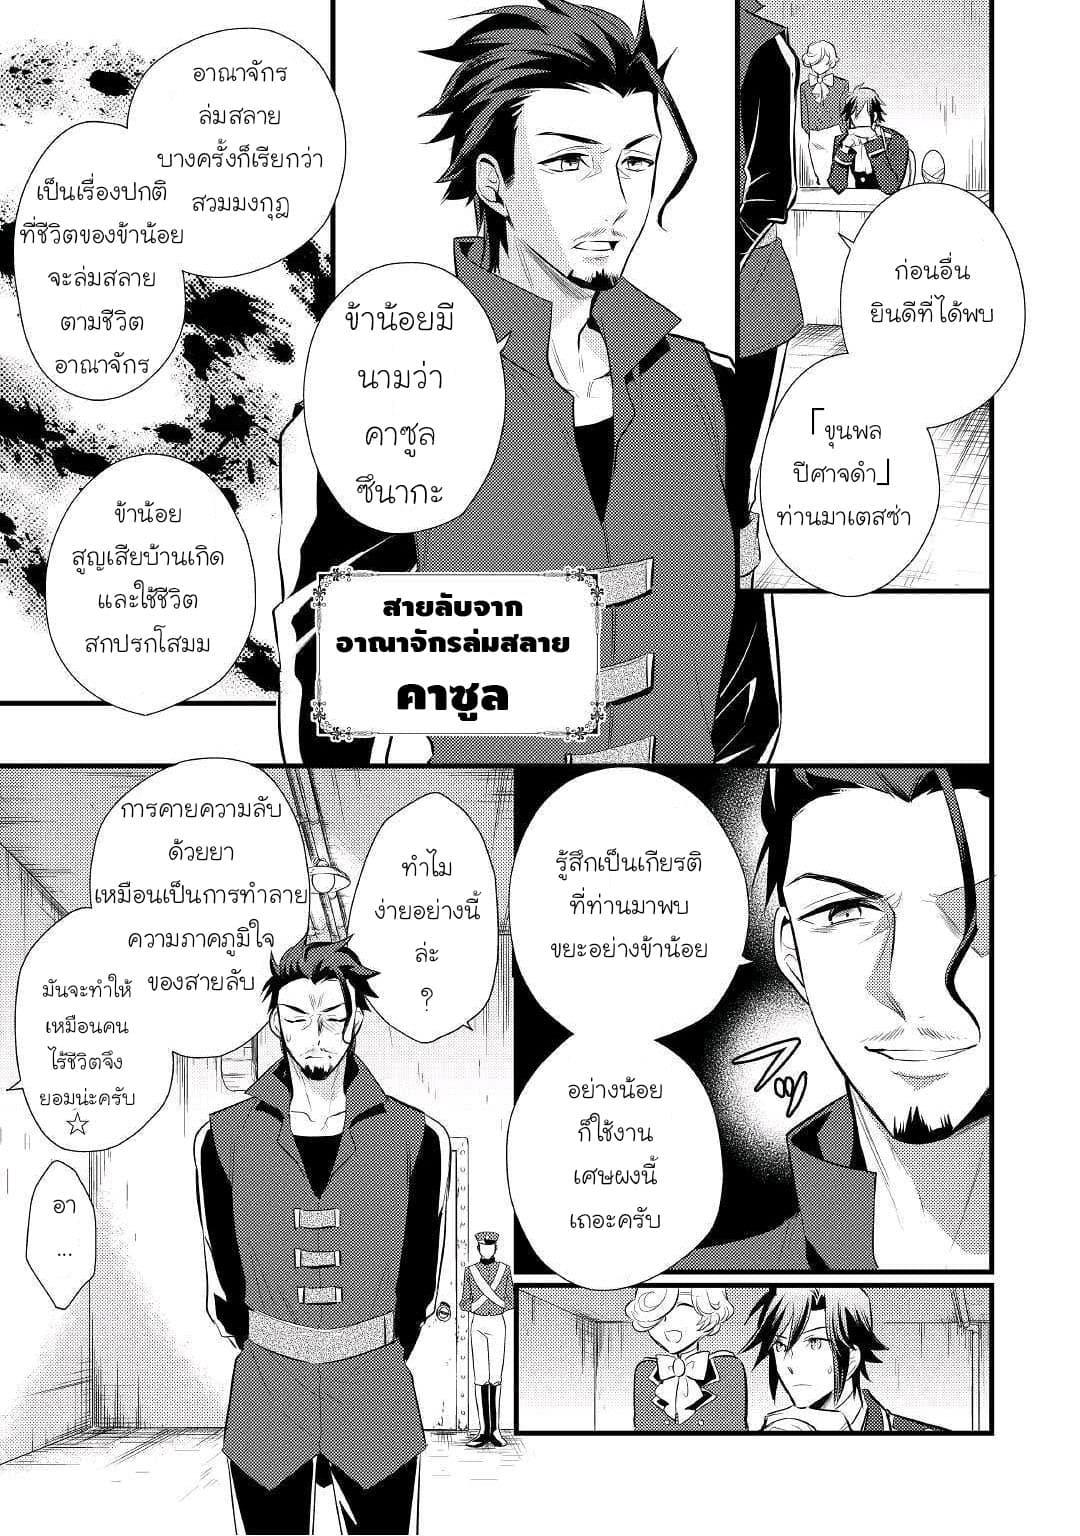 อ่านการ์ตูน Daites Ryou Koubouki ตอนที่ 13 หน้าที่ 28